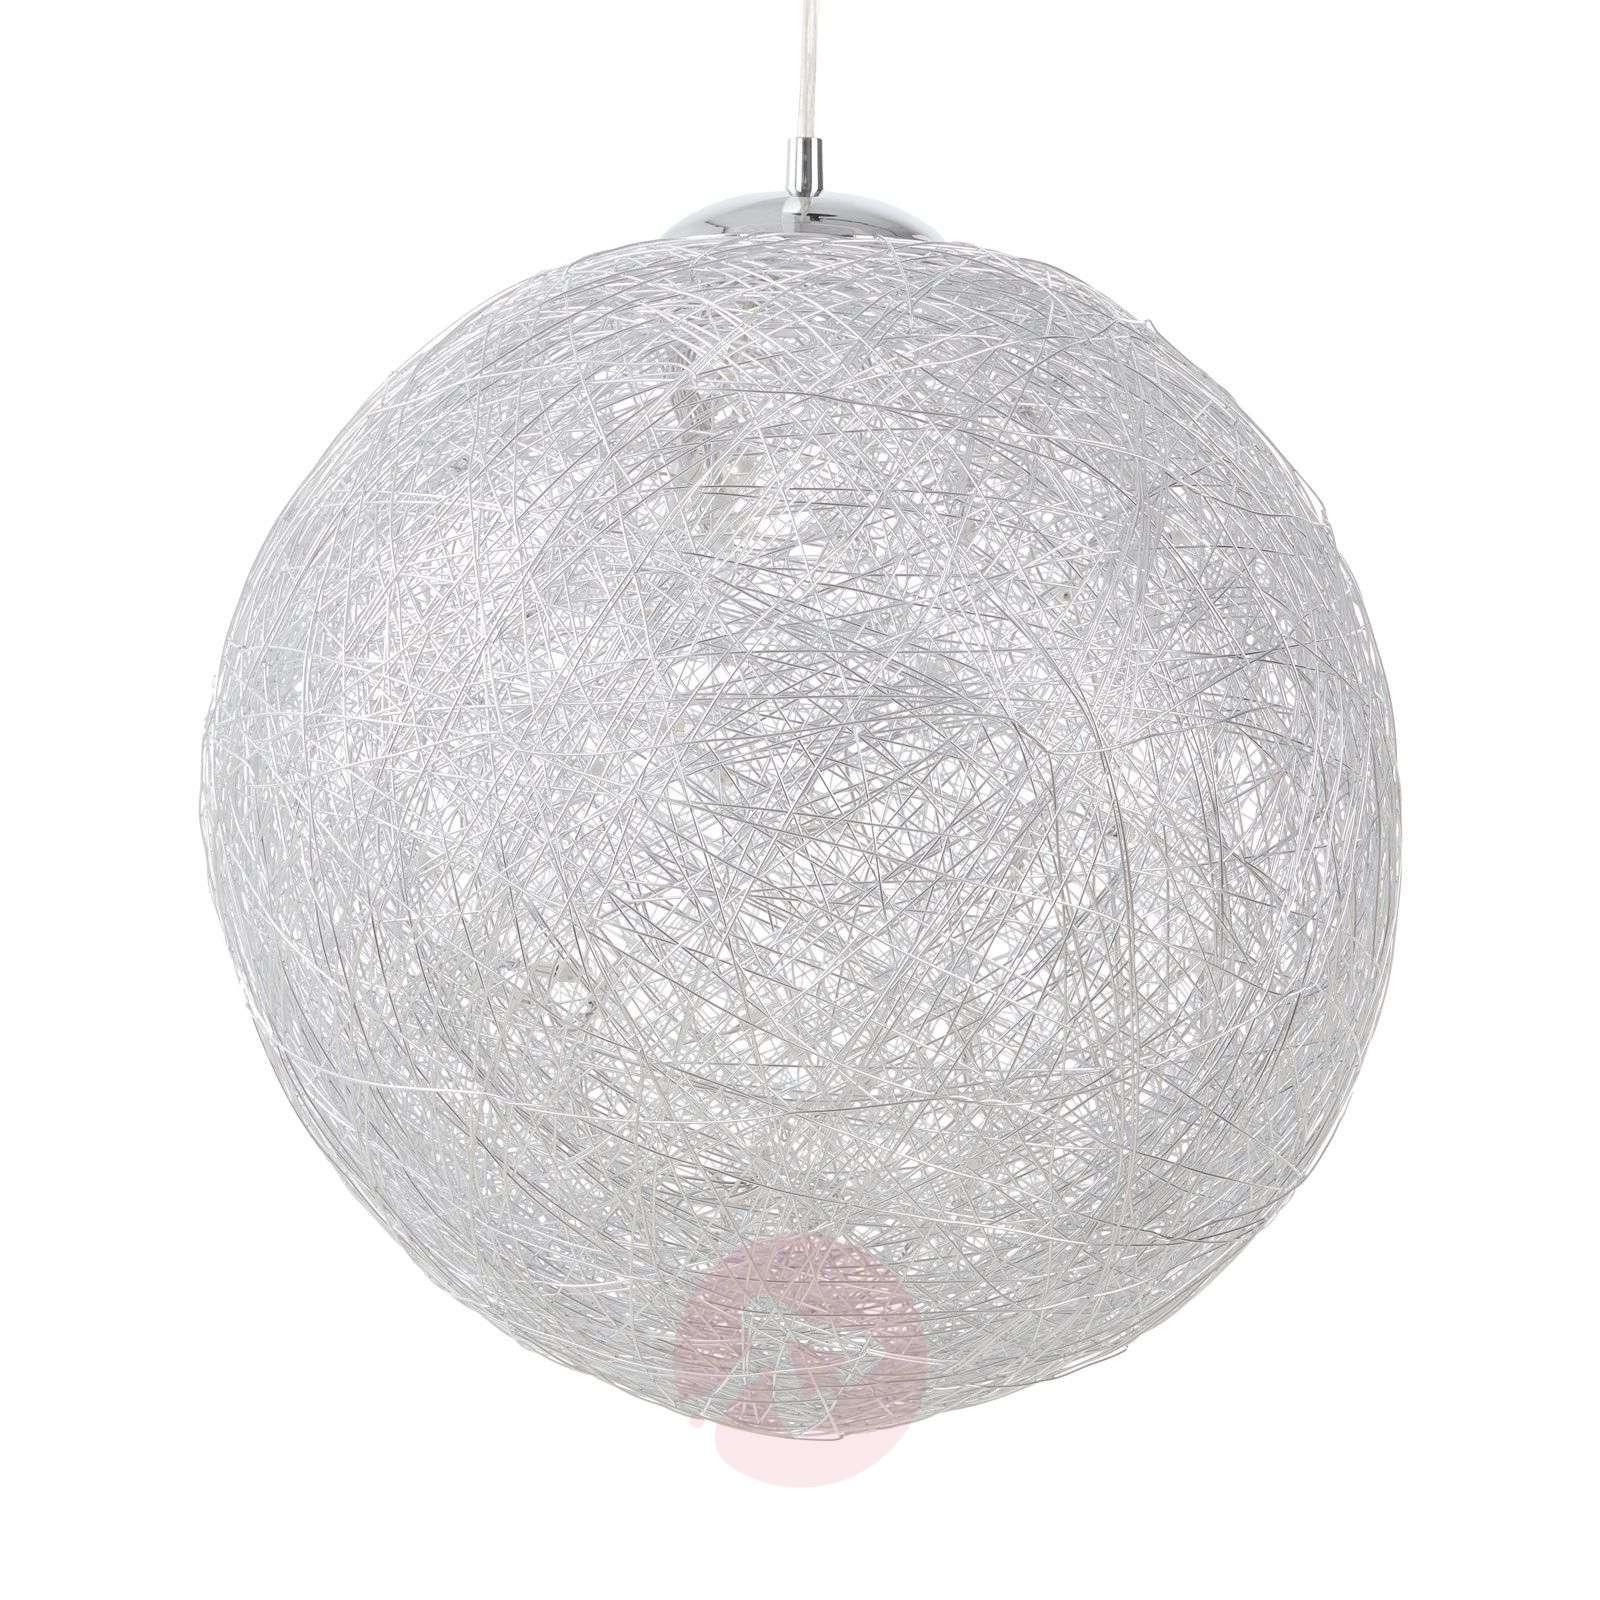 Thunder breath-taking LED pendant light Ø 40 cm-9004754-01